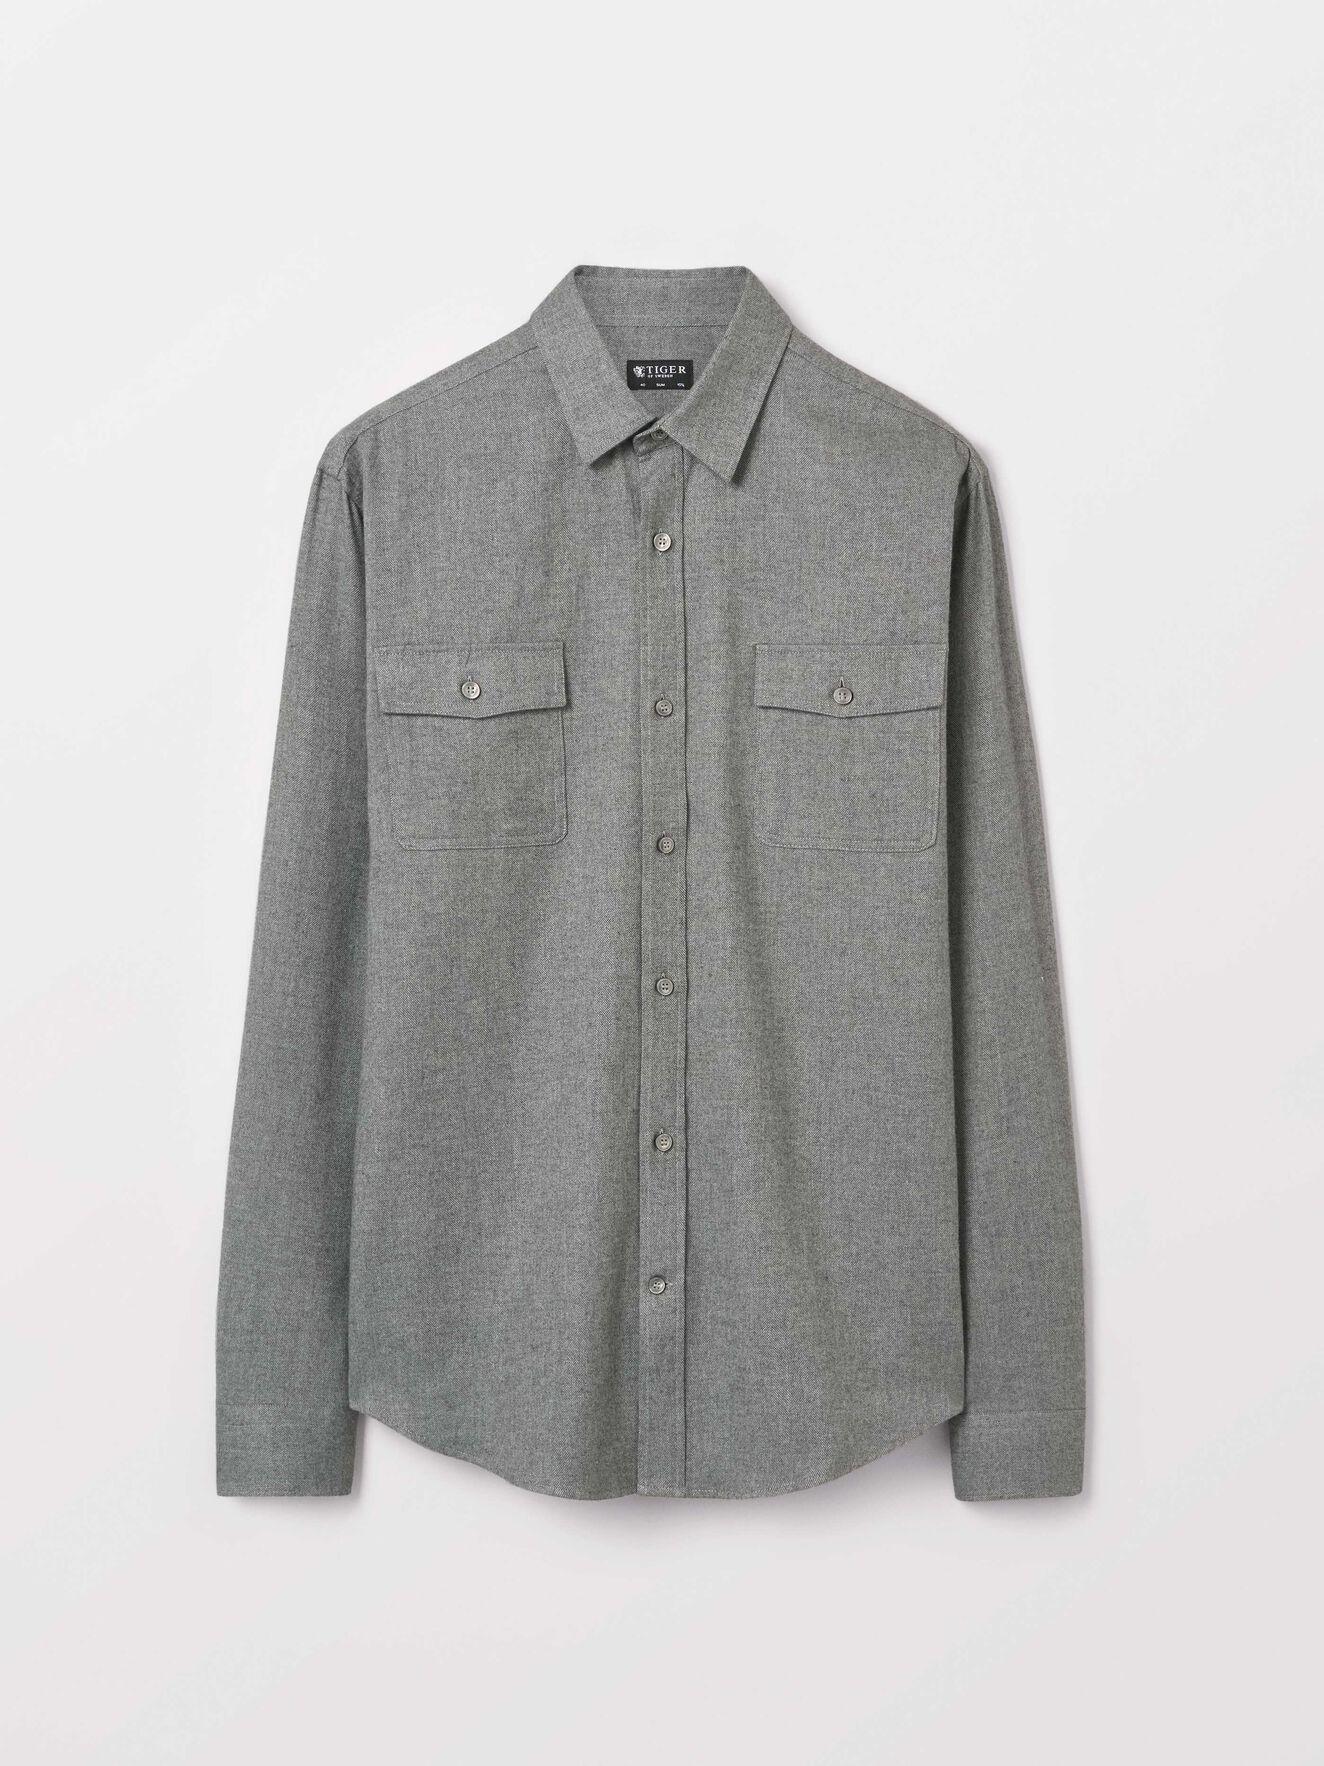 Frits Shirt in Light grey melange from Tiger of Sweden